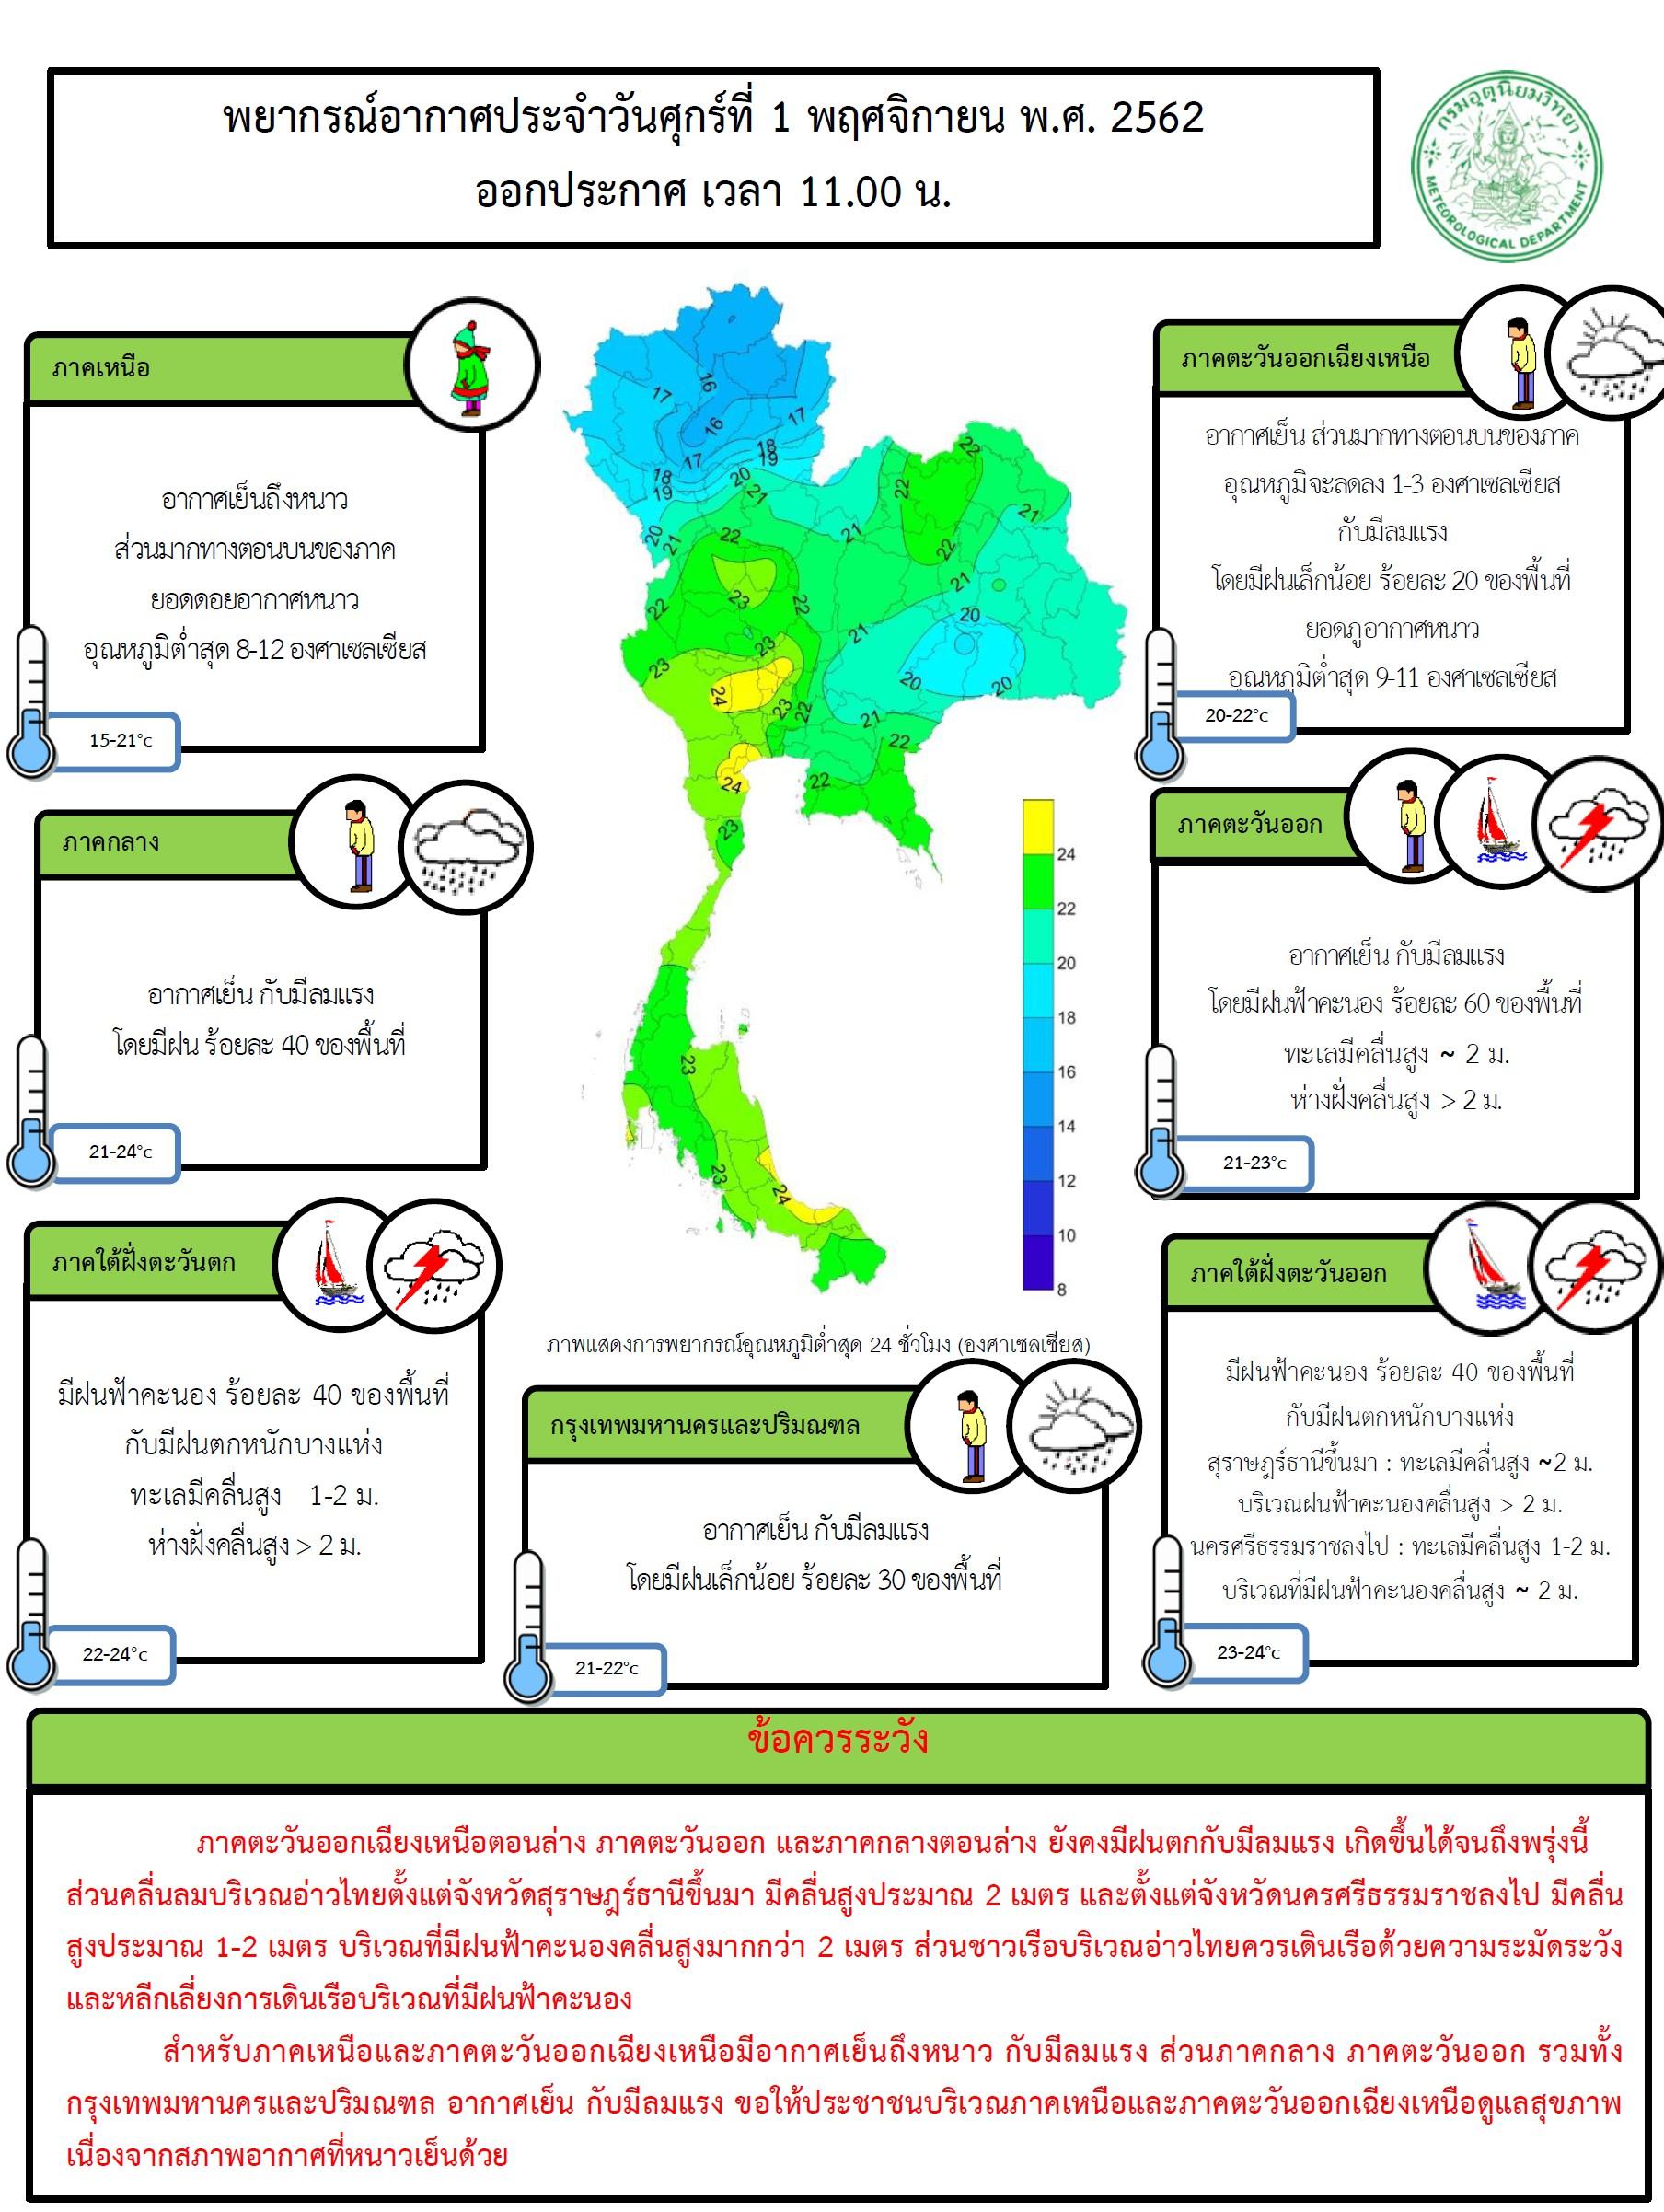 รายงานพยากรณ์อากาศ ประจำวันที่ 1 พฤศจิกายน 2562